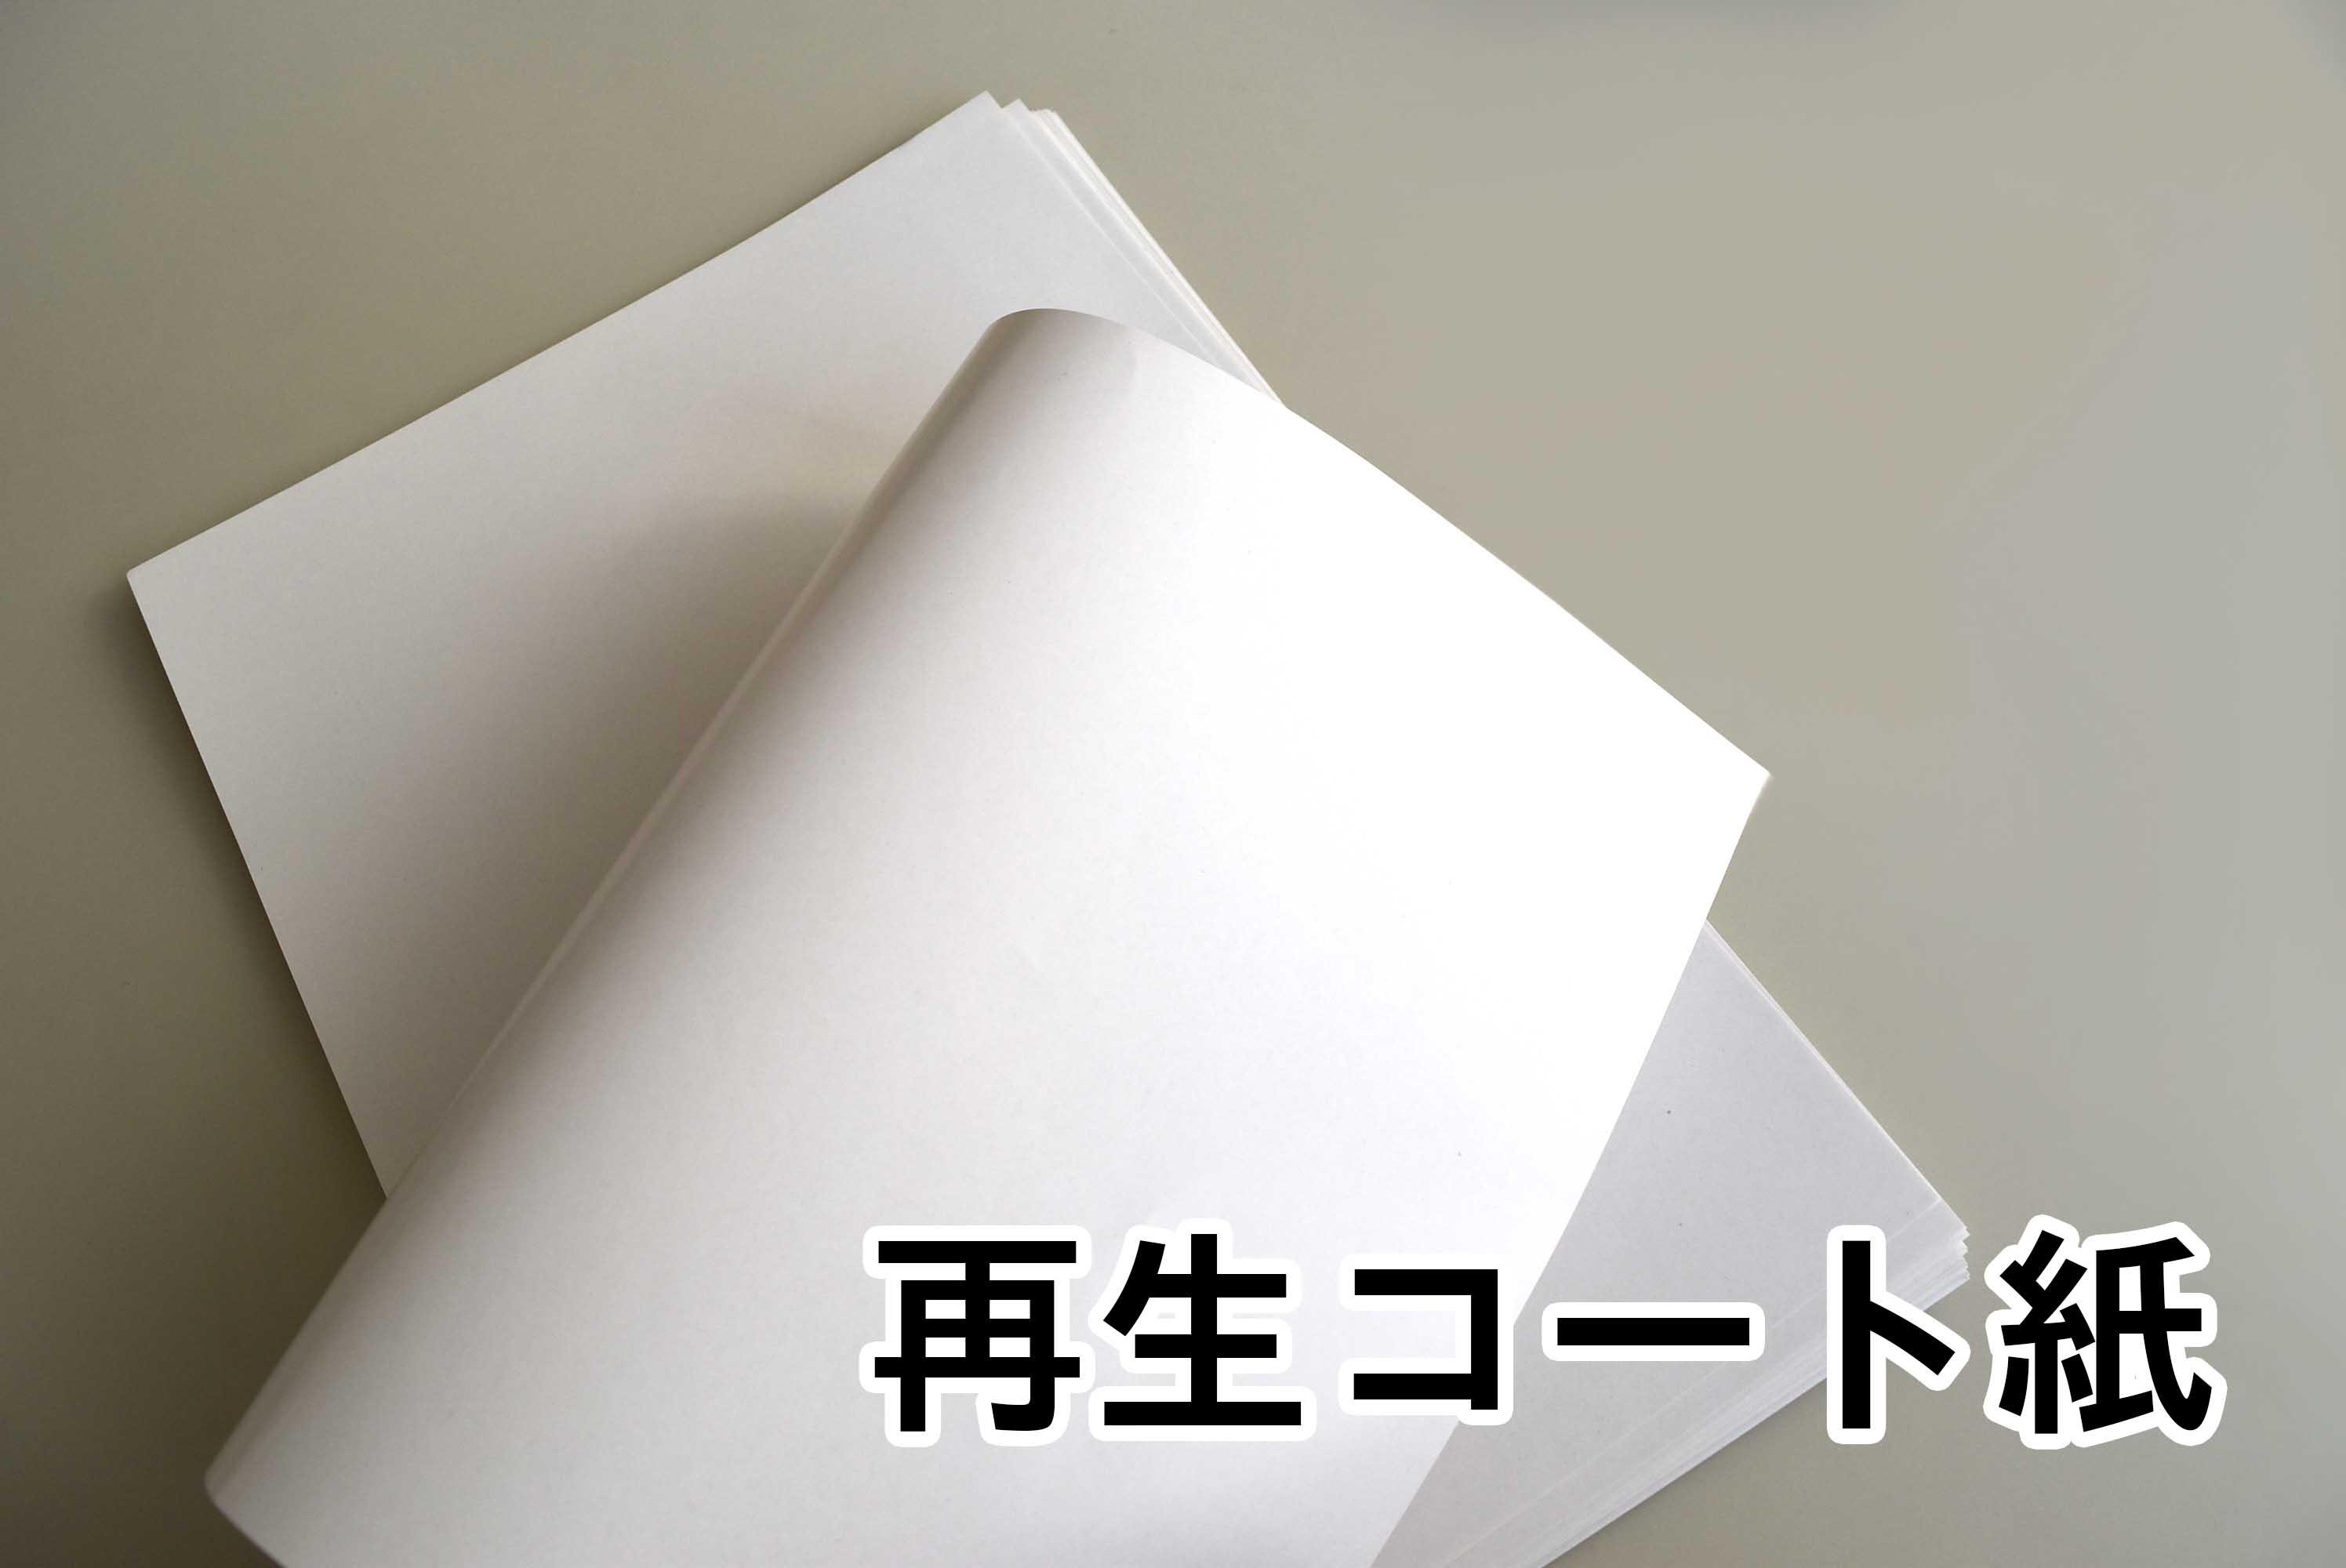 再生コート紙 500枚 【送料無料】